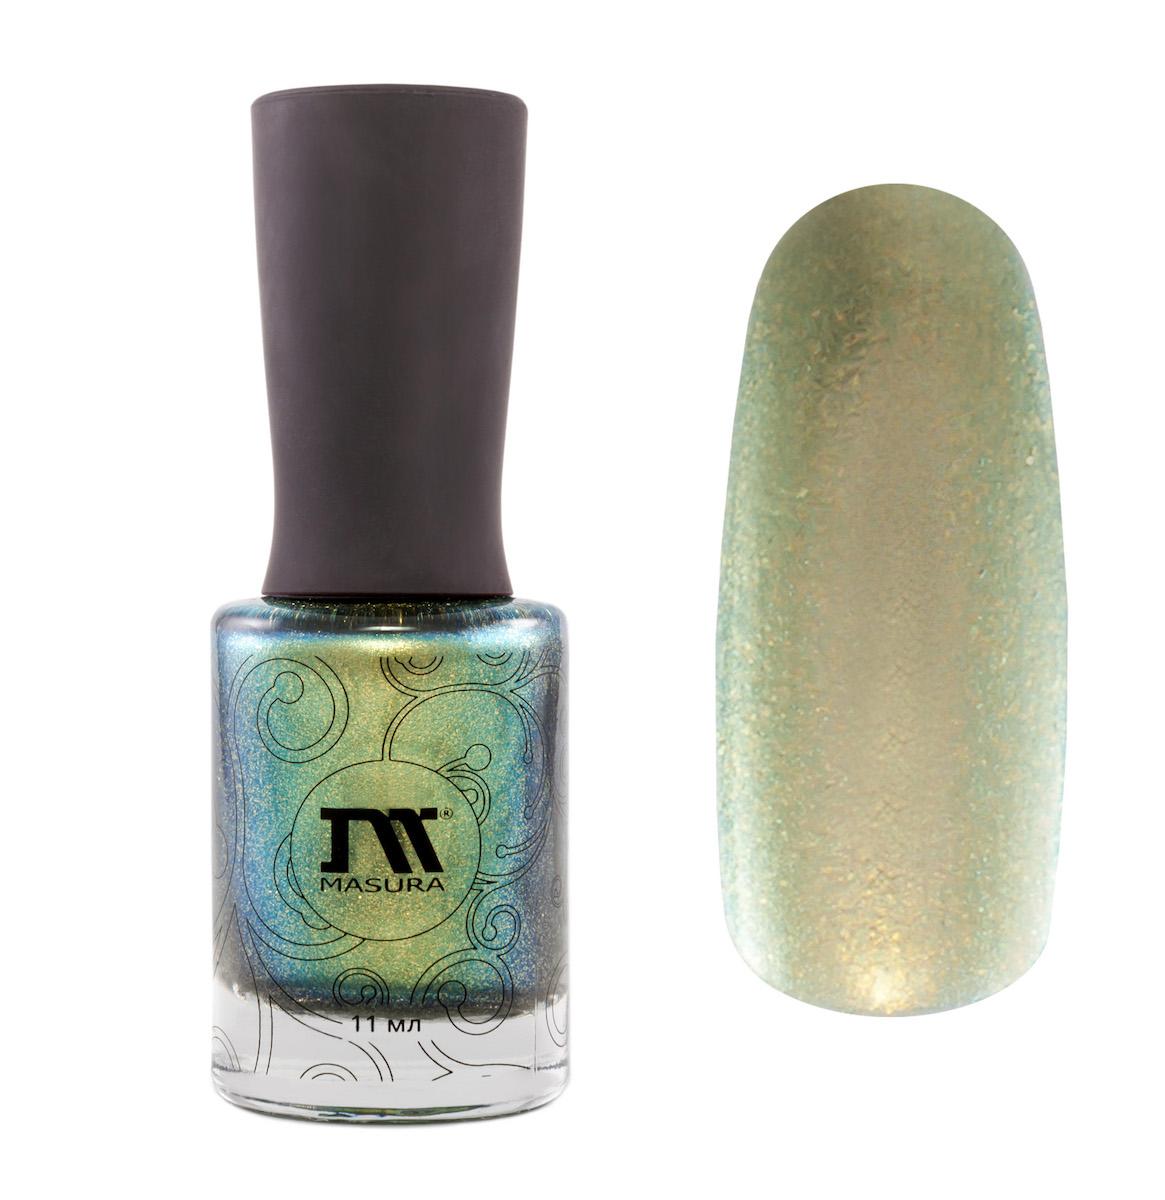 Masura Лак для ногтей Мне Не Нужно Всем Нравиться, 11 мл1024зеленый с золотистым отливом, зеленовато-золотым мерцанием и золотой слюдой